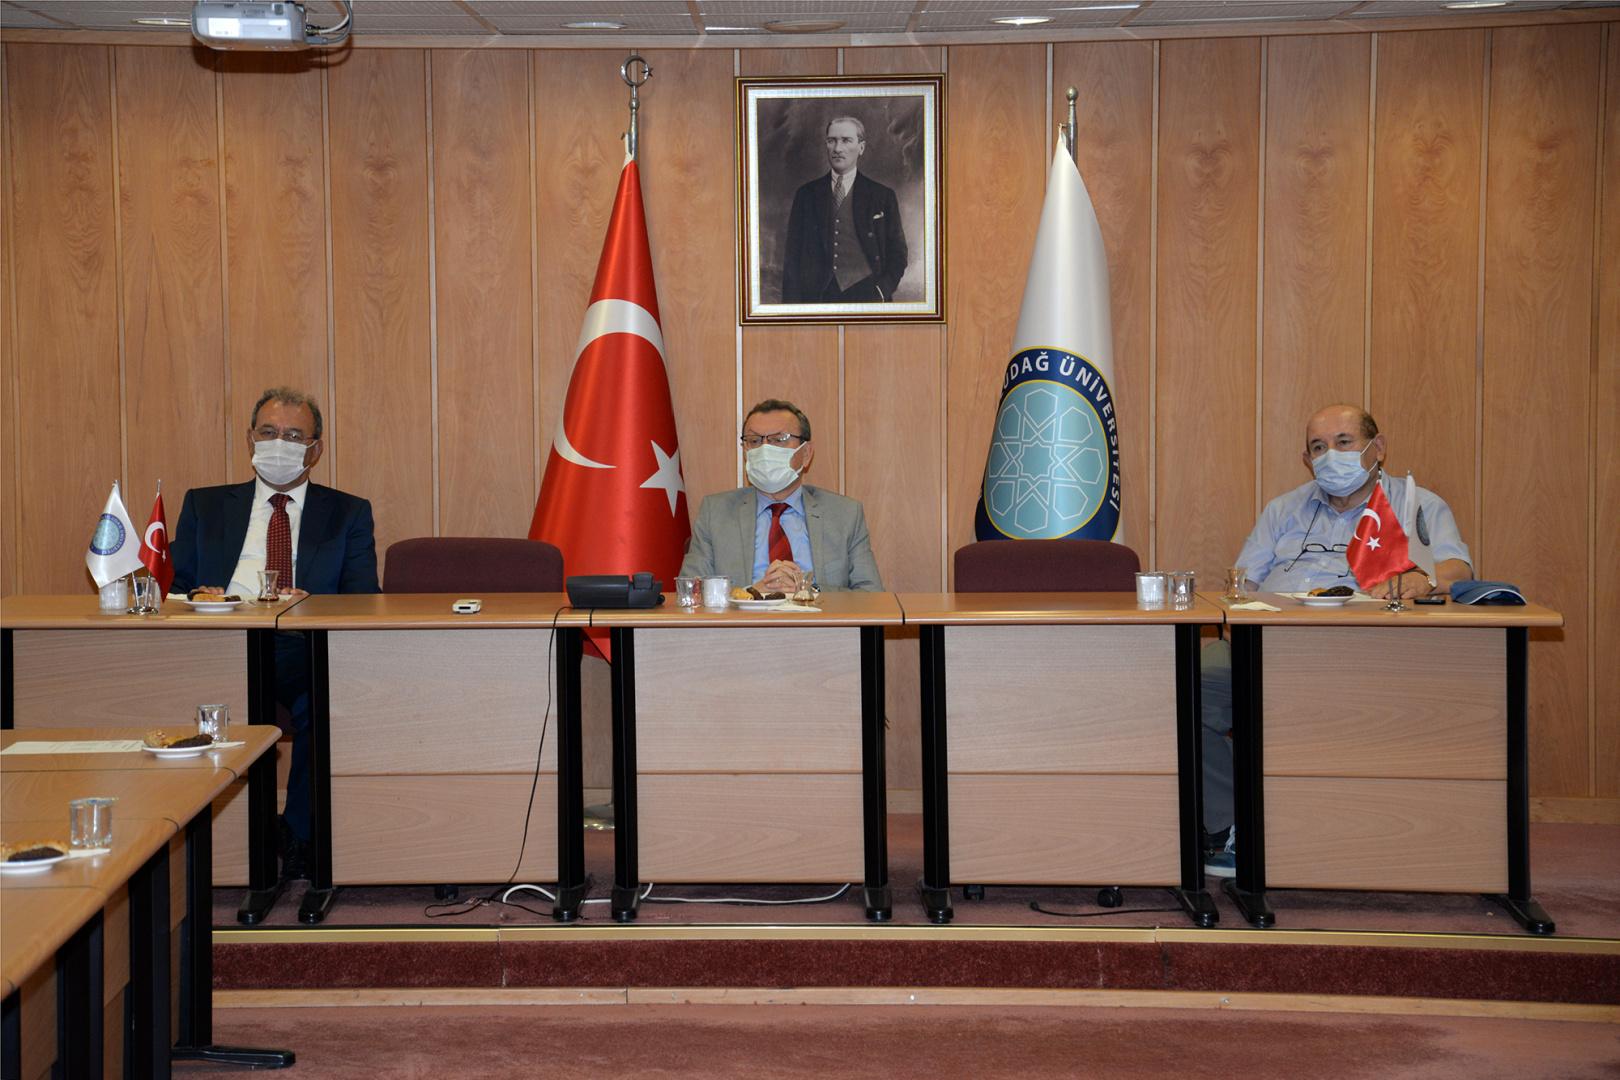 ÜSİGEM-KUSİ Çalışma Konseyi çalışmalarına yeni yol haritasını belirleyerek devam ediyor.